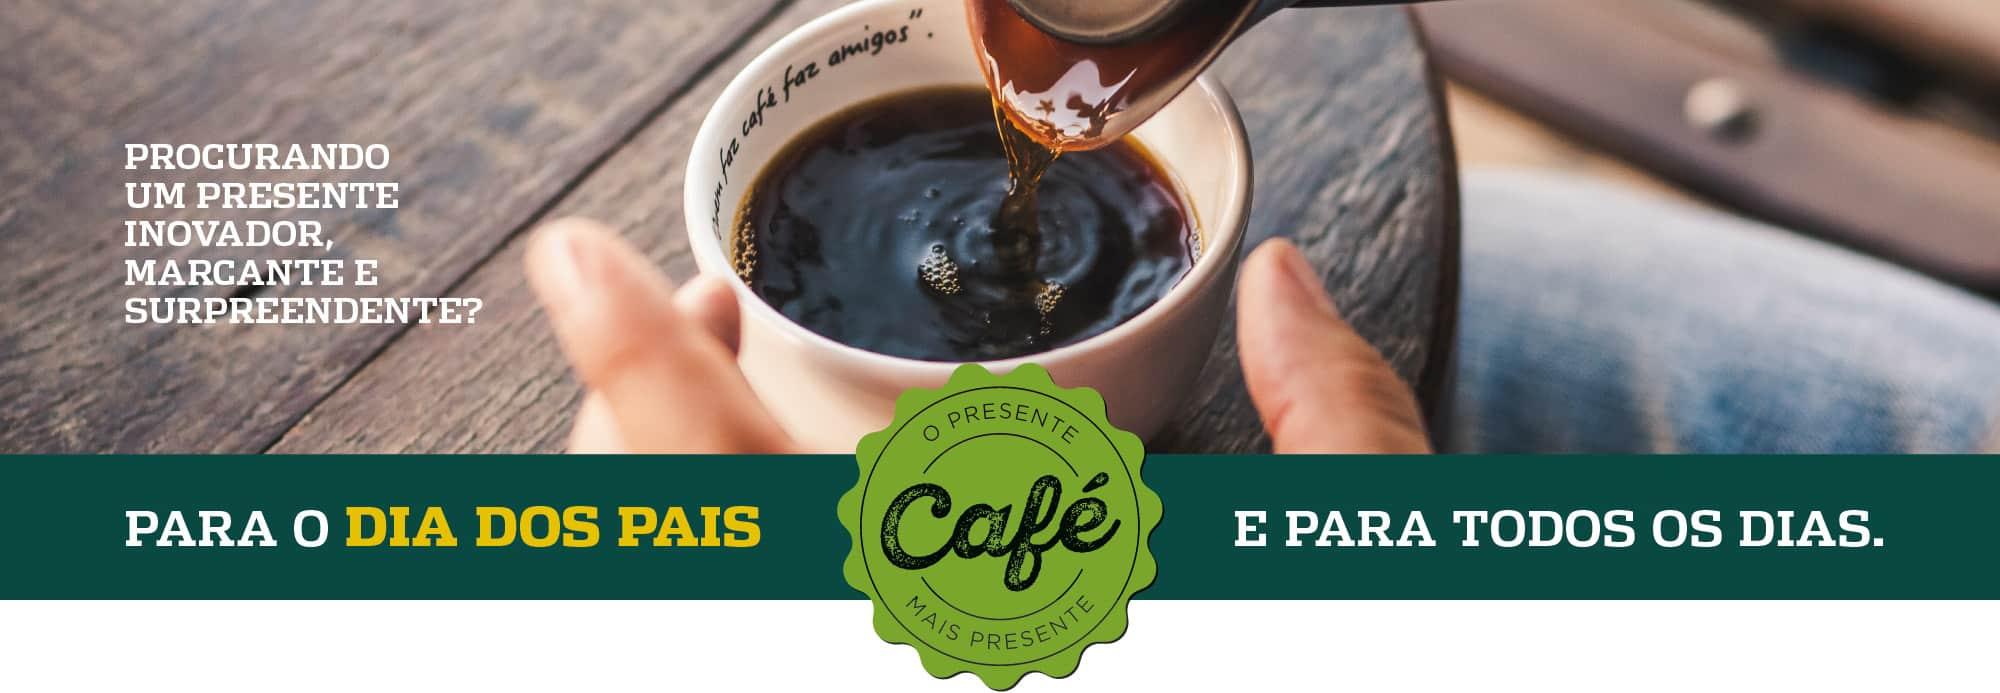 banner café cultura loja virtual dia dos pais 2017